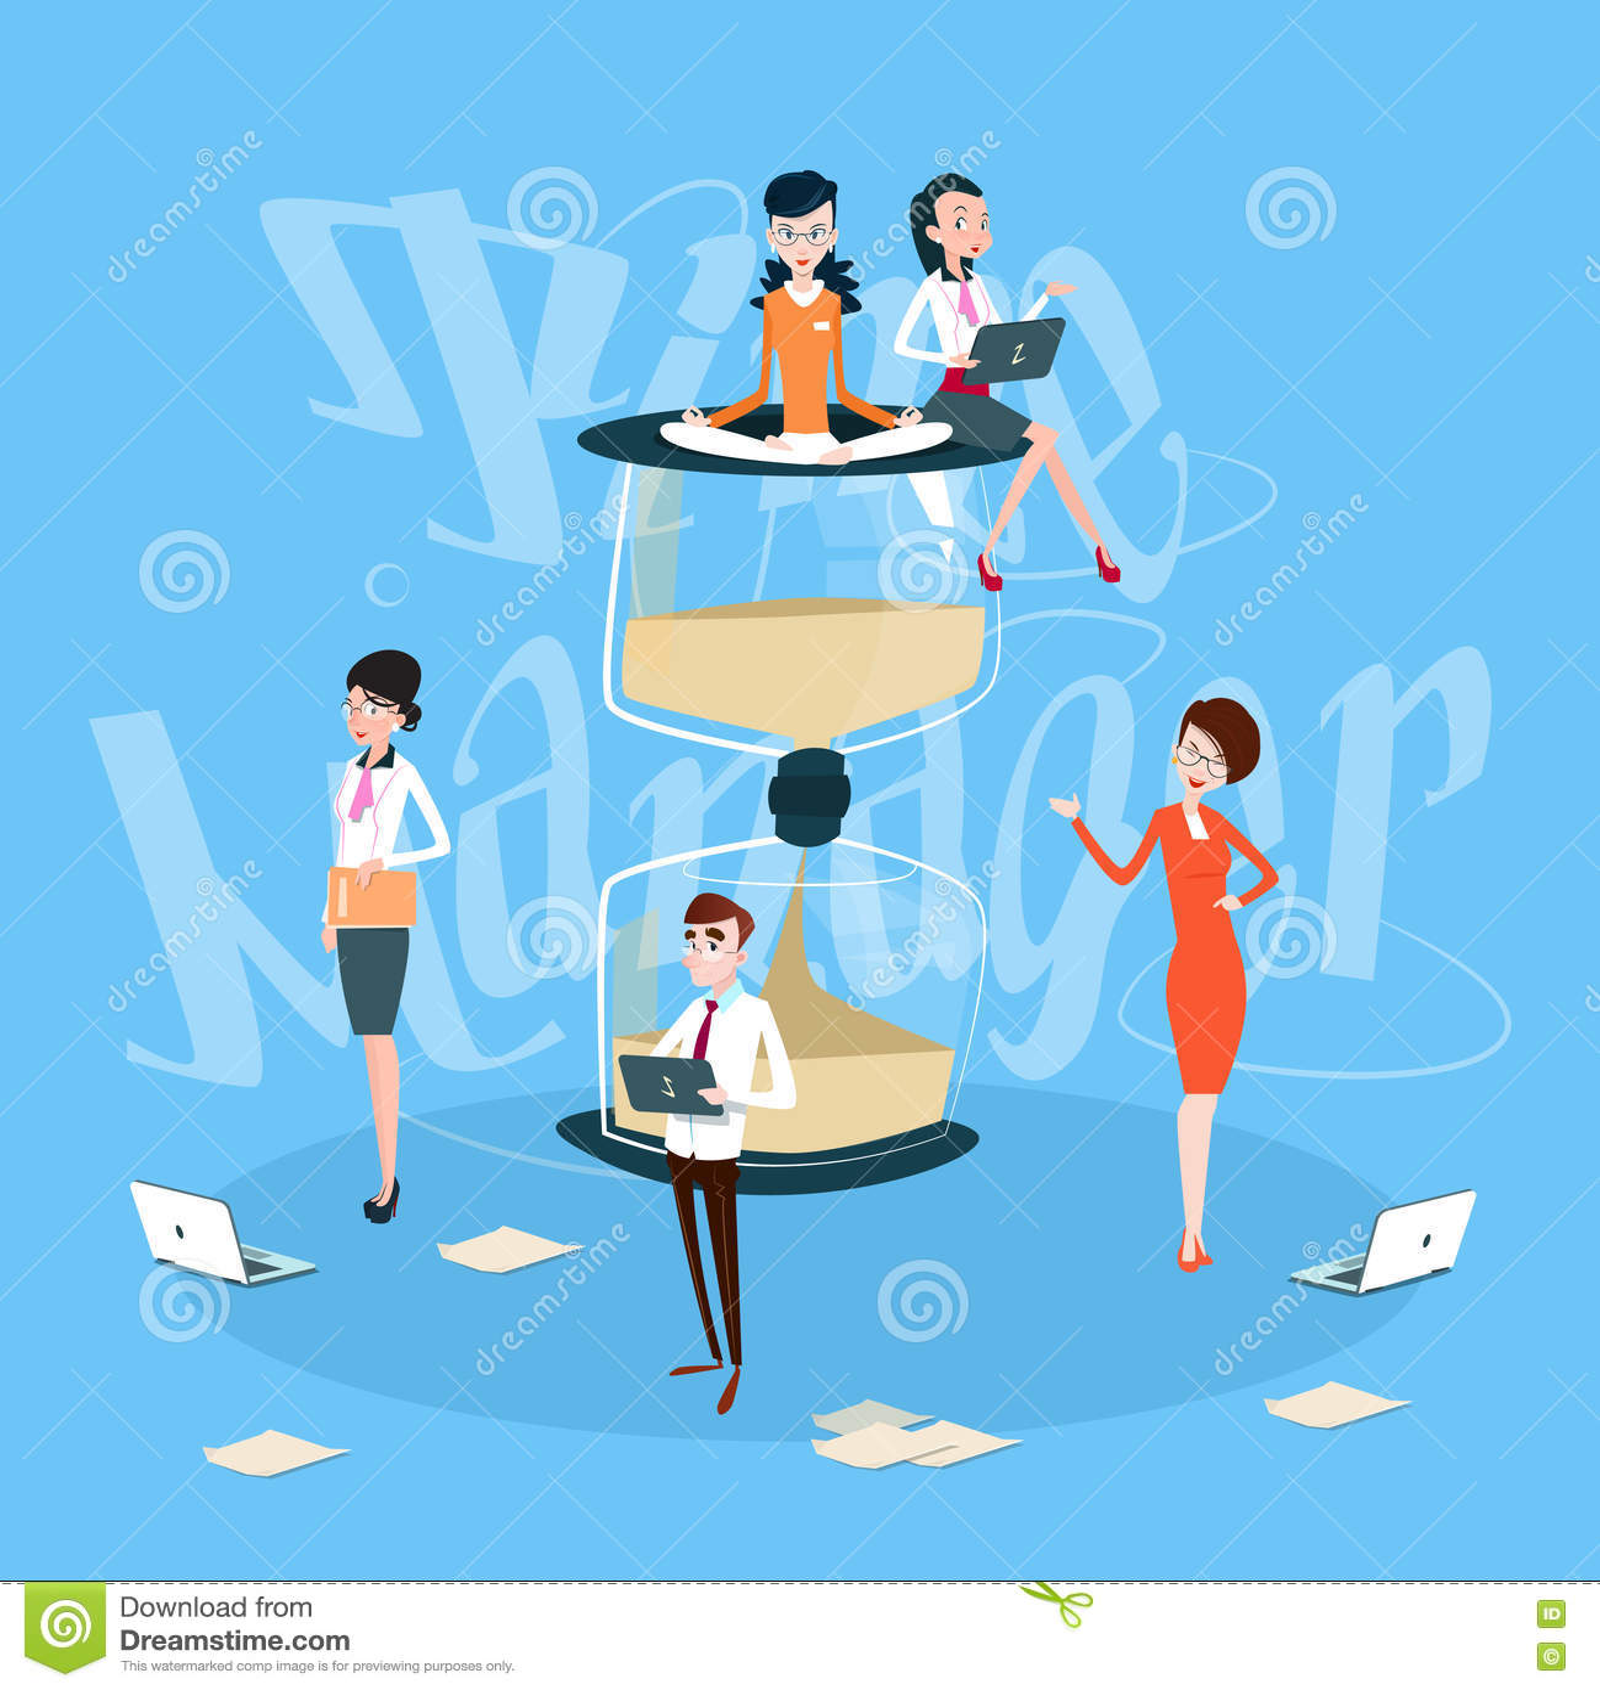 cc2ddbc162e Executivos De Team Working Process